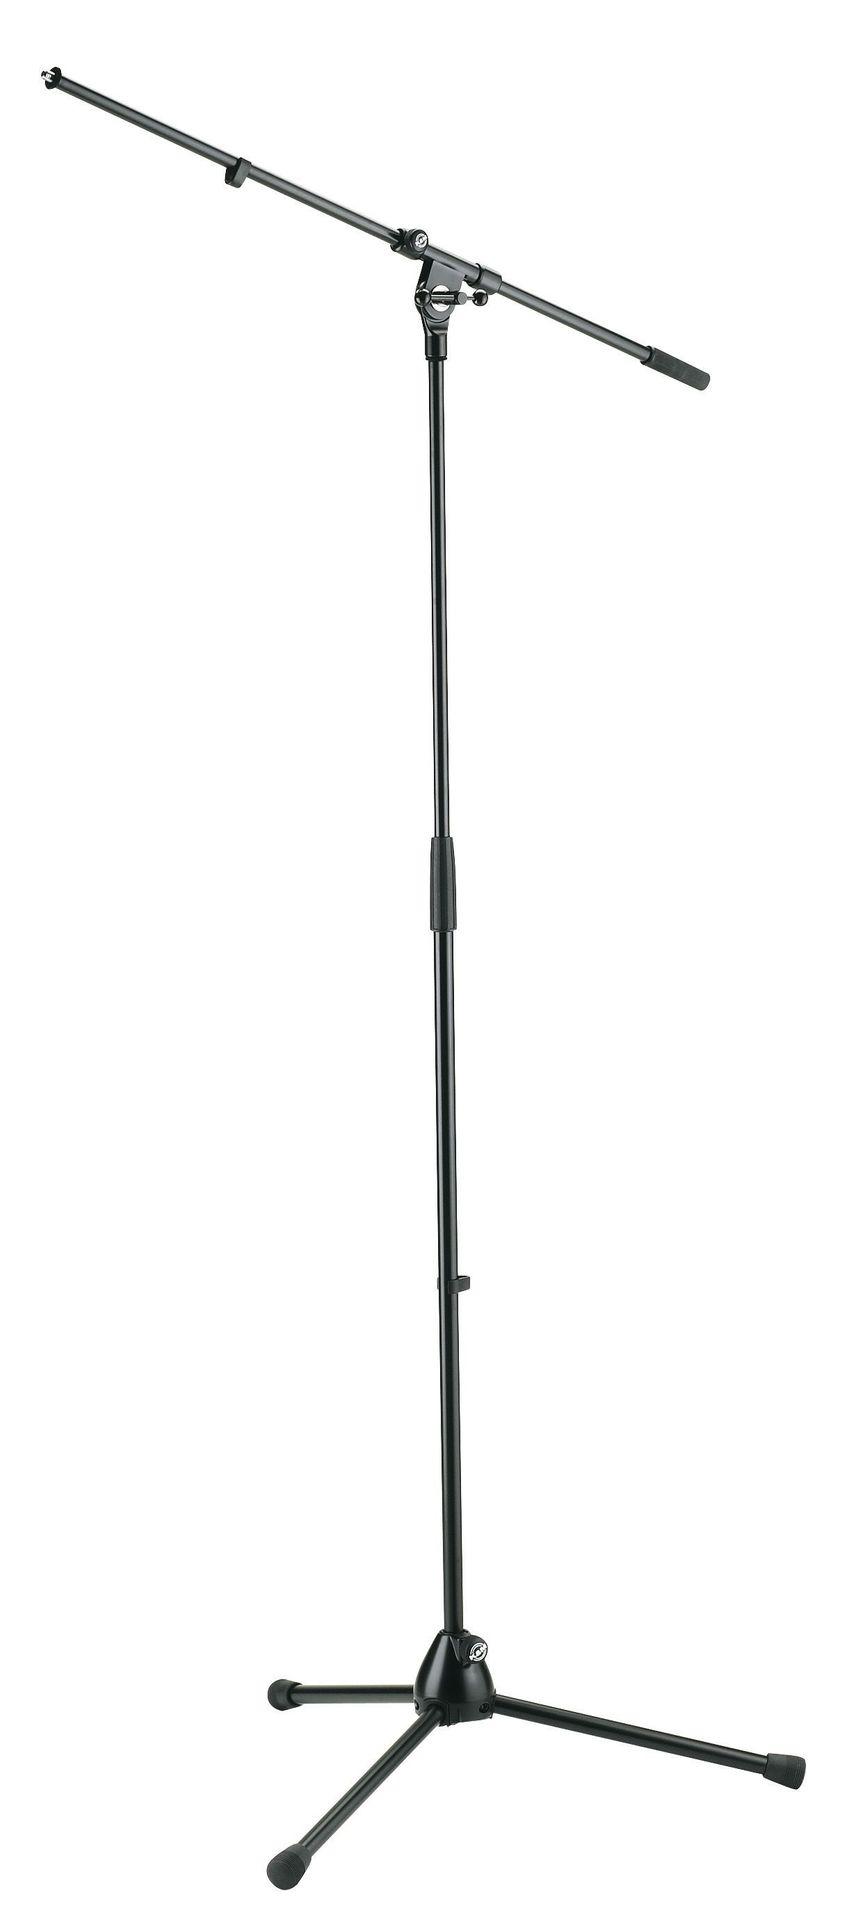 K&M 210/2 Mikrofonstativ mit Schwenkarm, schwarz